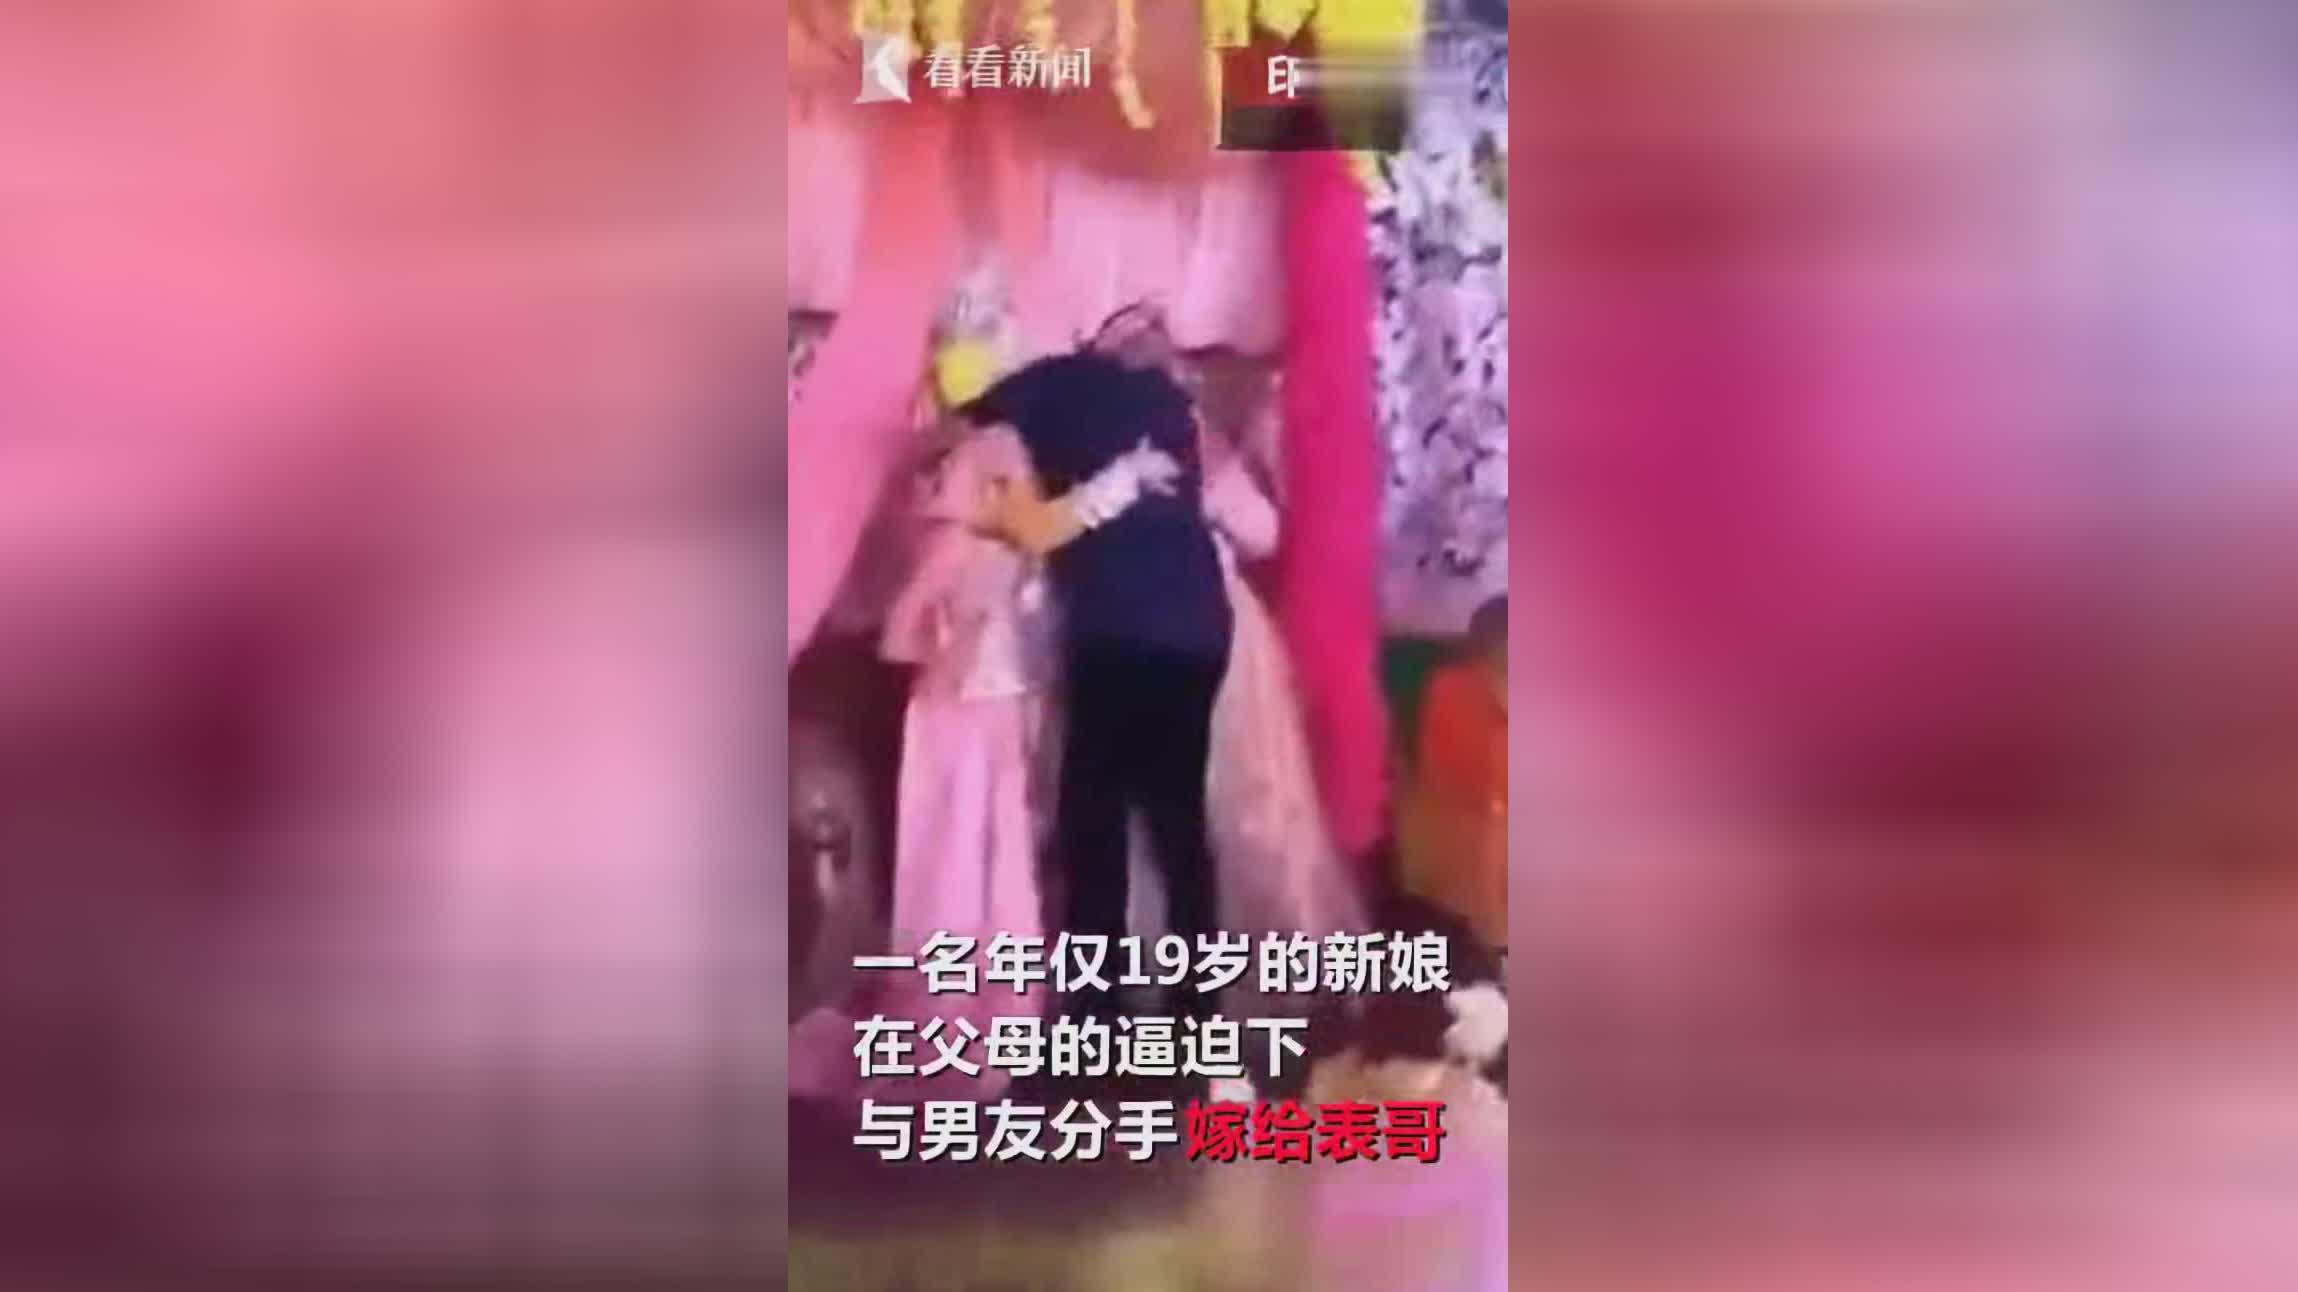 被逼嫁表哥!前男友出席婚礼祝福 新娘紧抱哭昏